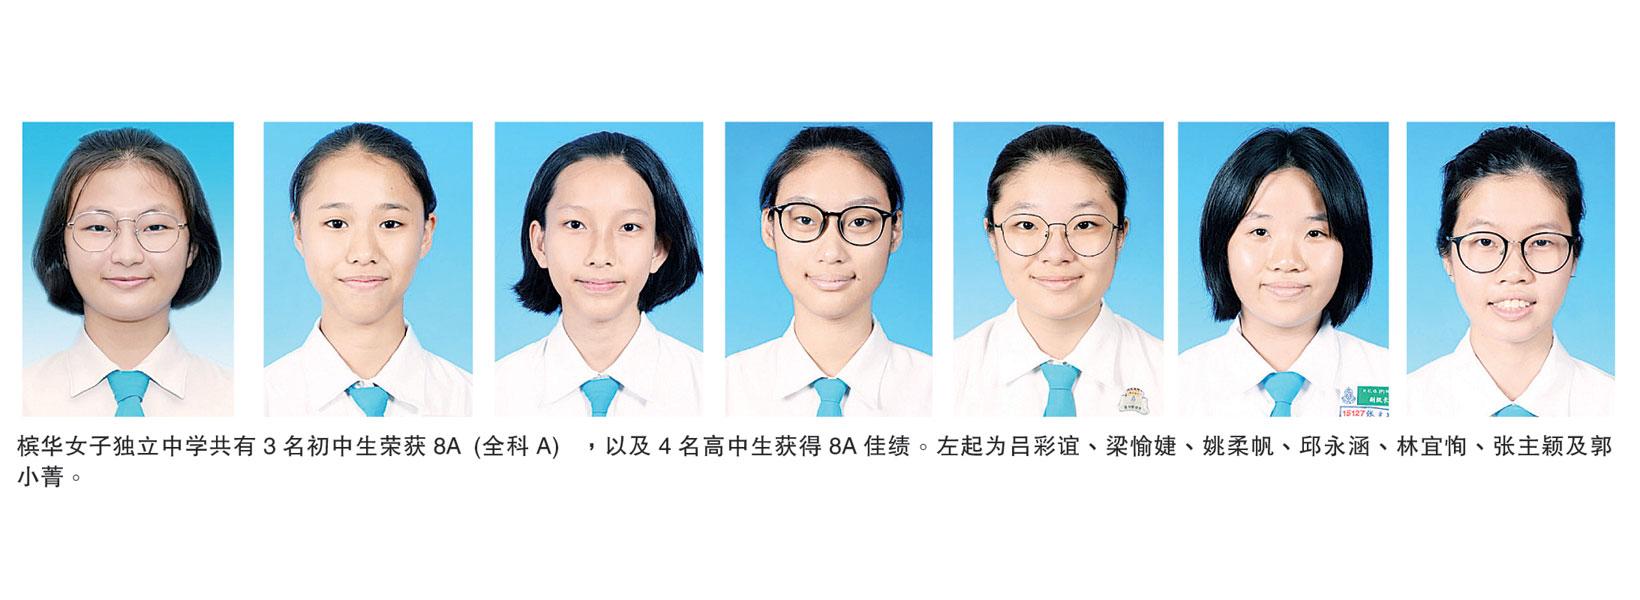 统考成绩出炉 槟华独中7人夺8A